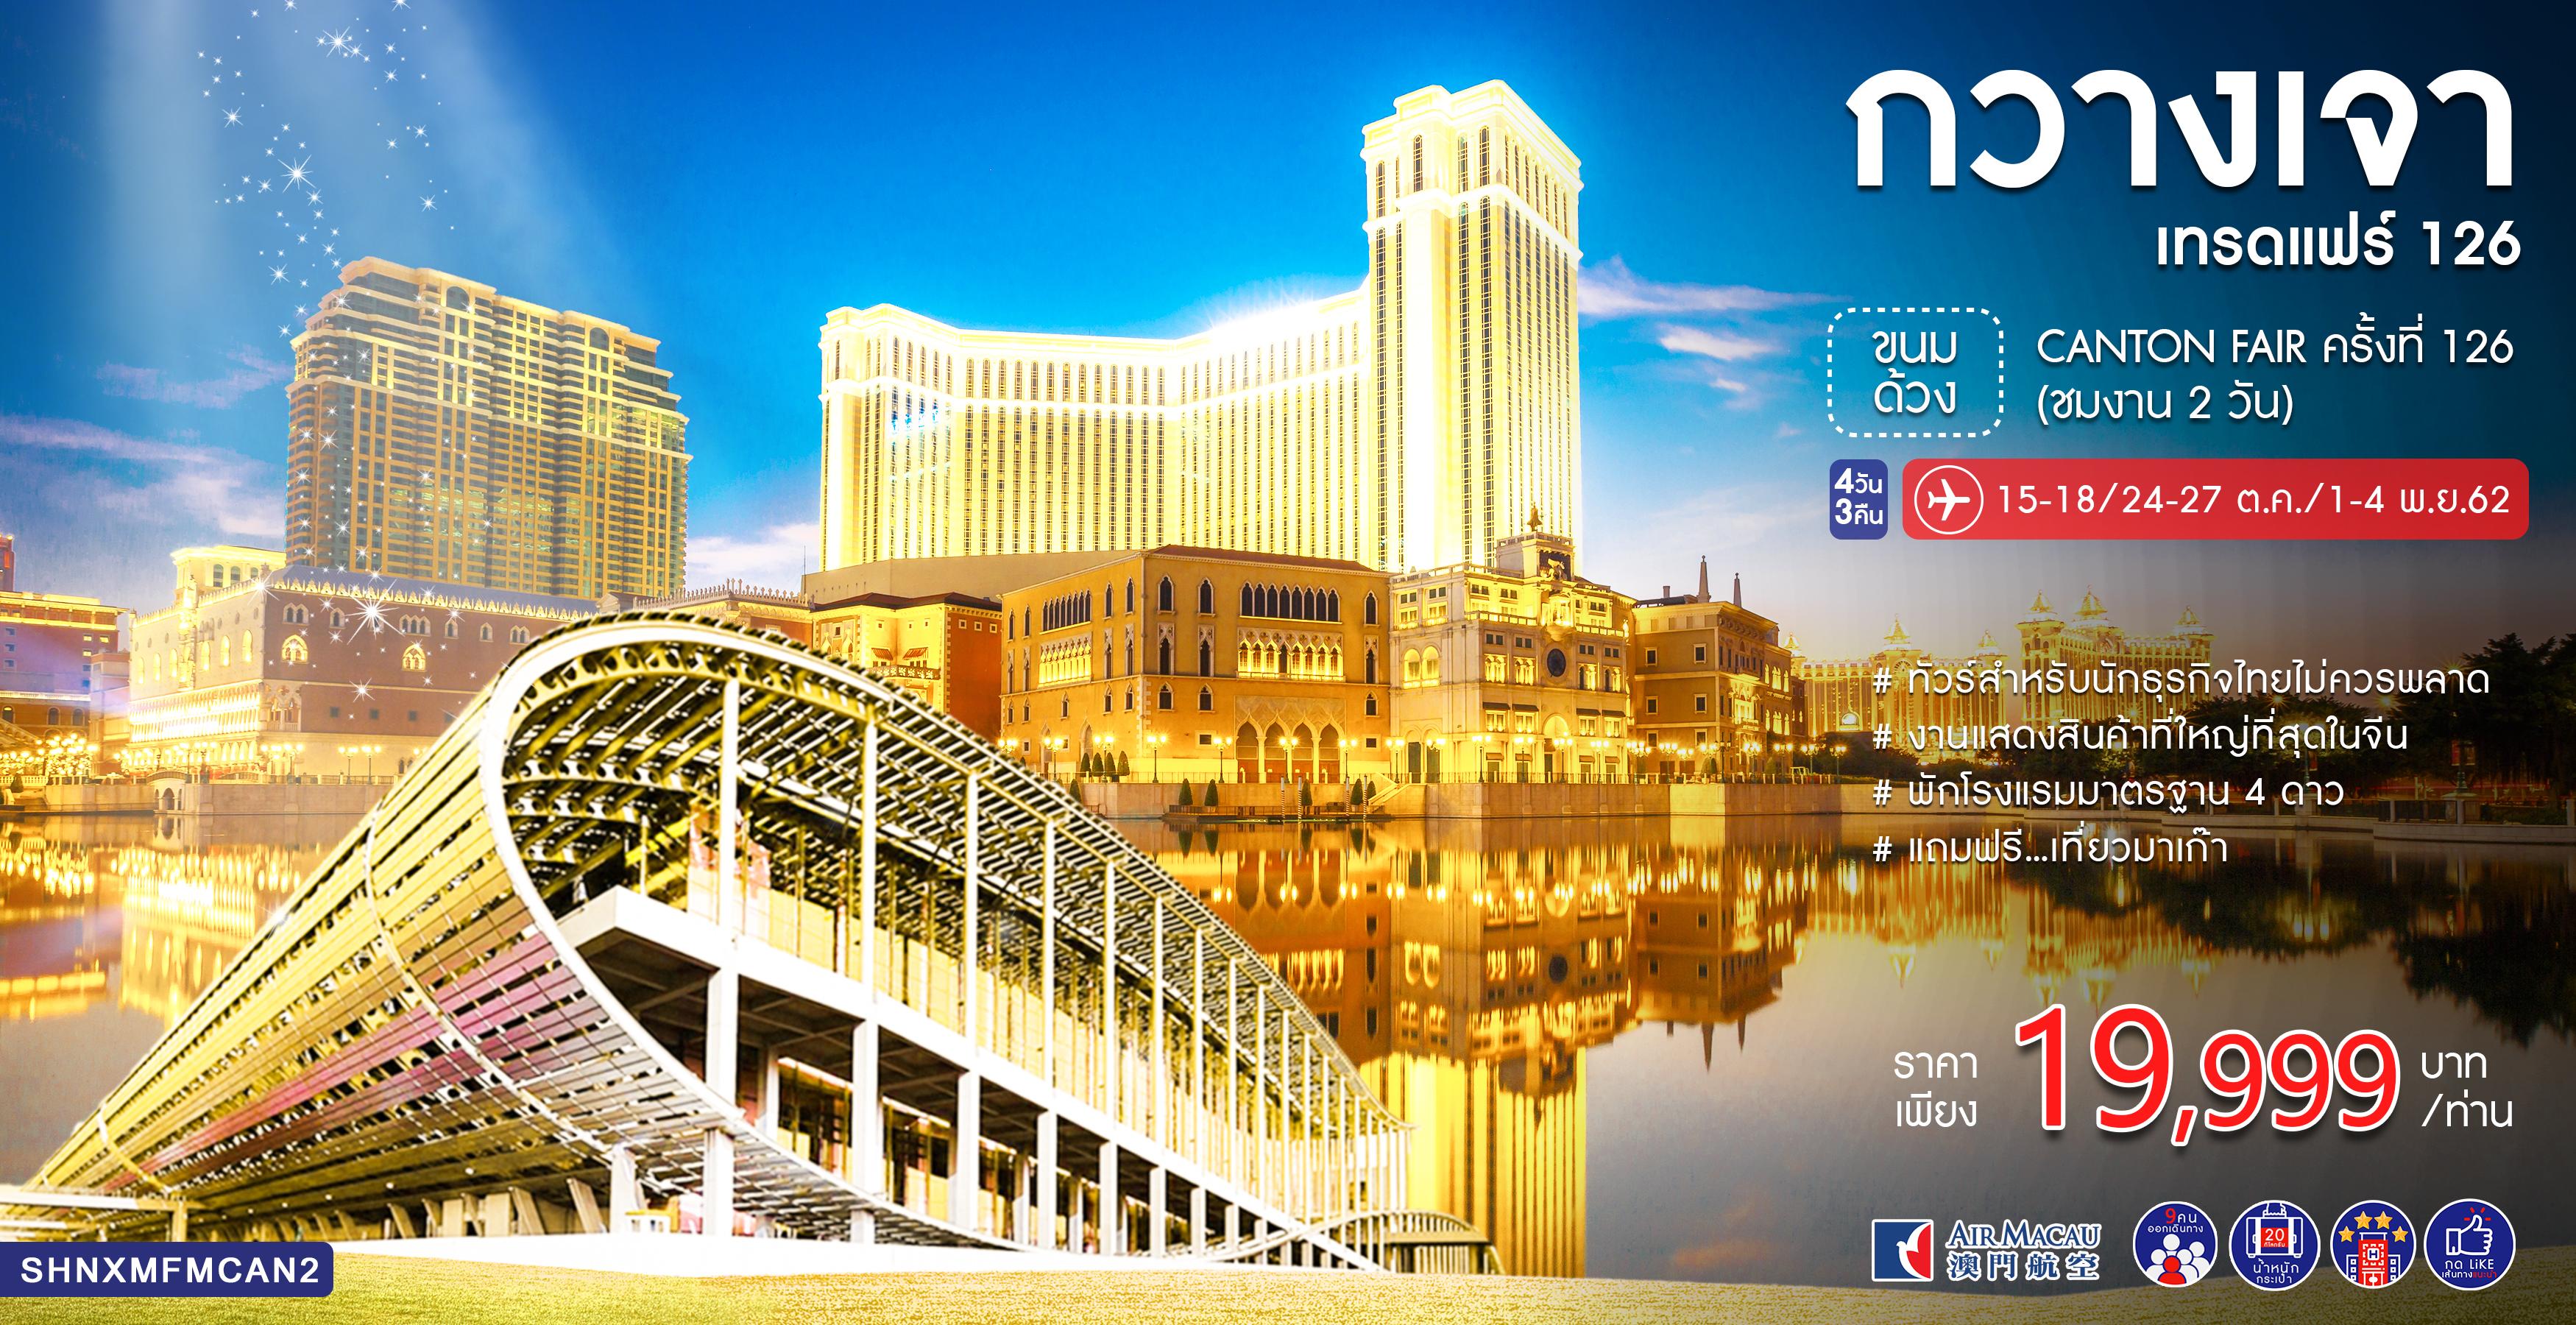 ทัวร์จีน ทัวร์กวางเจาเทรดแฟร์ ขนมด้วง CANTON FAIR ครั้งที่ 126 (ชมงาน 2 วัน) 4 วัน 3 คืน (NX)